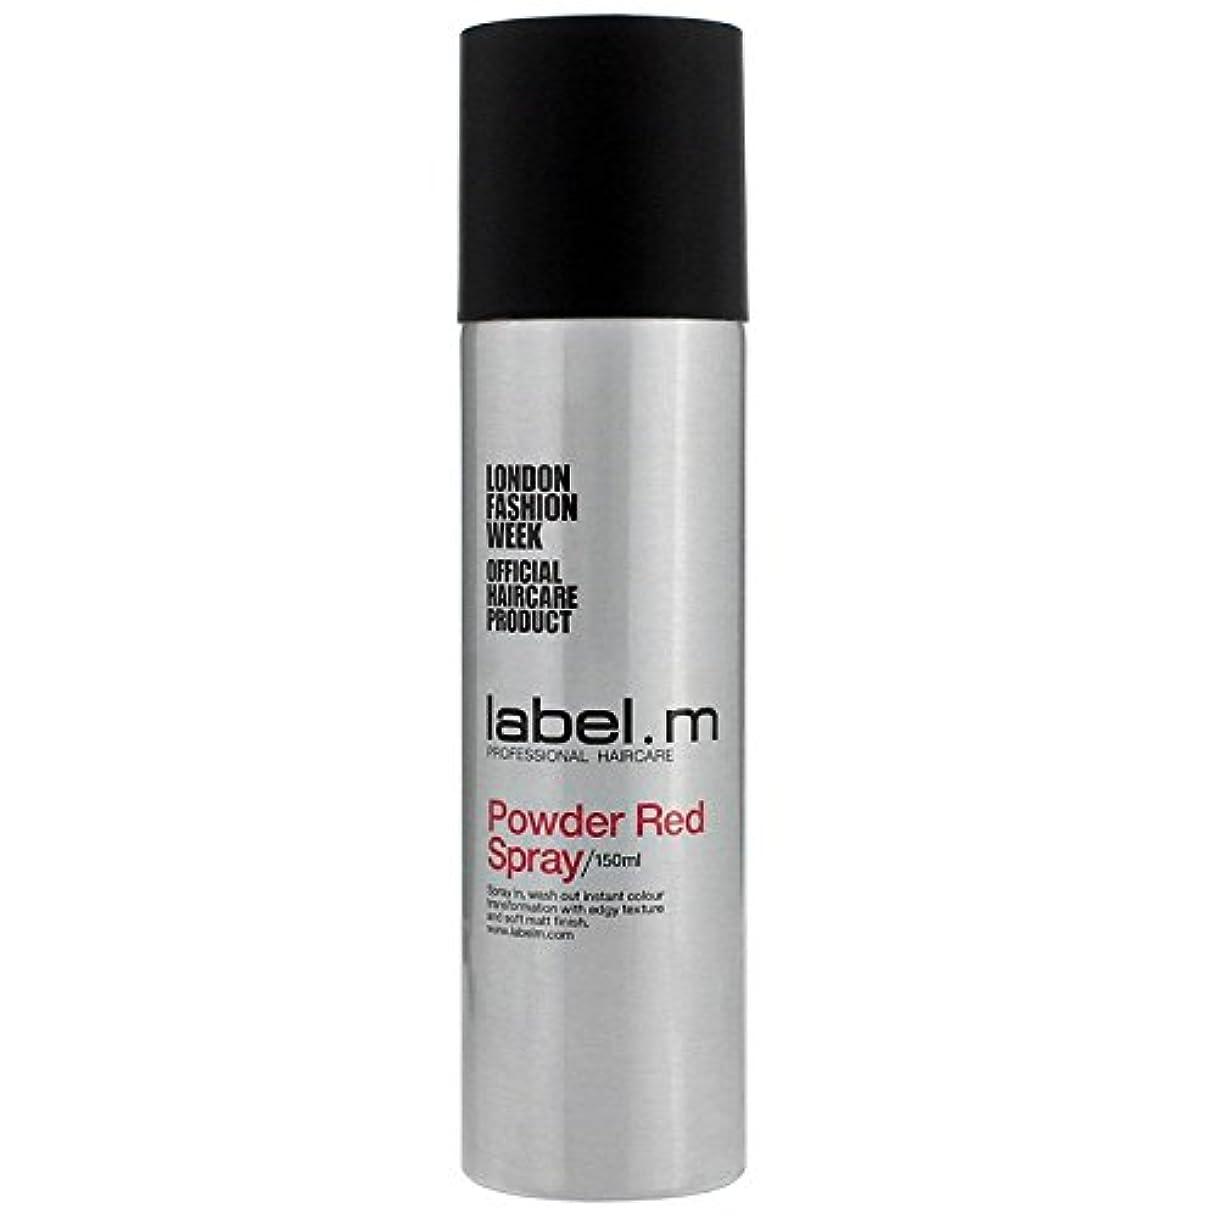 国際外国人罹患率Label.M Professional Haircare ラベルMパウダーレッドスプレー5オズ 5オンス